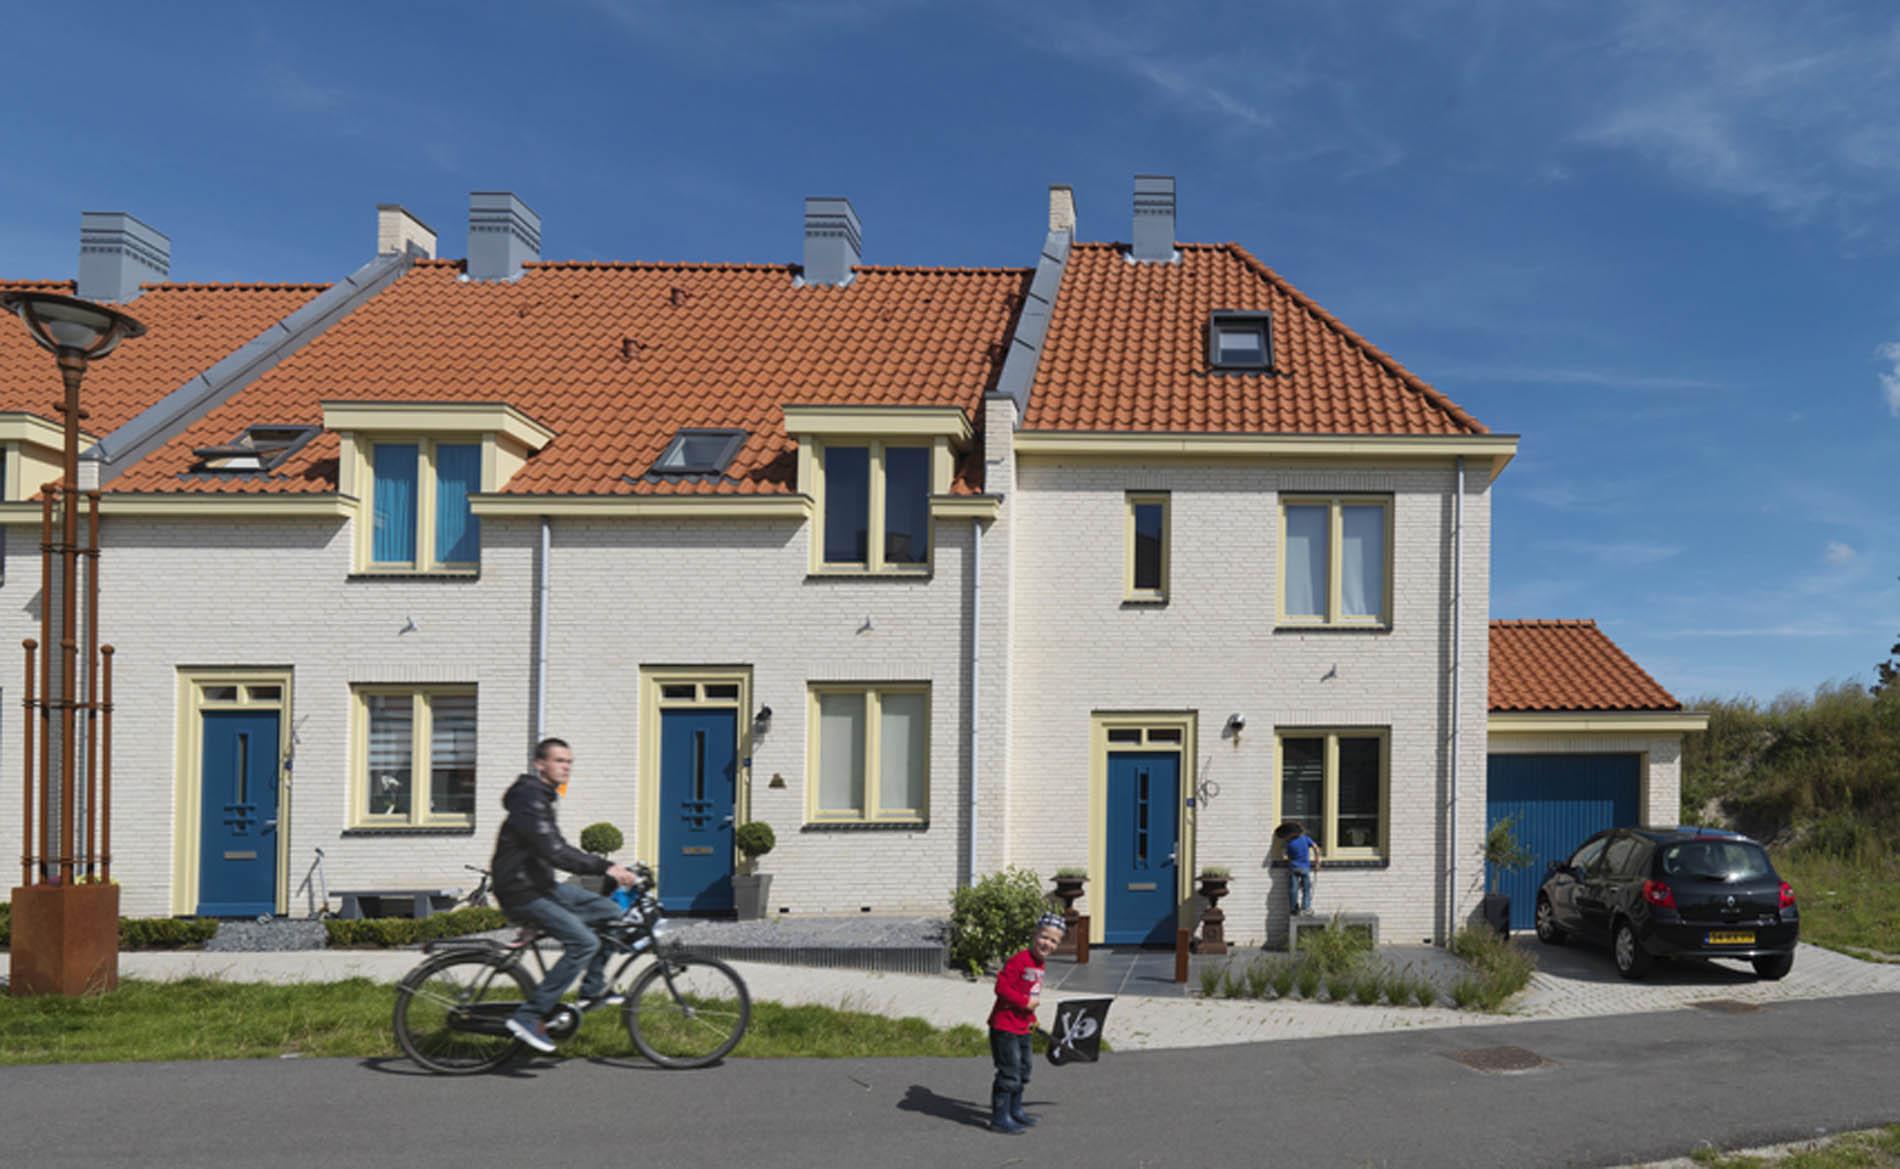 architect woningbouw woningen kustarchitectuur Visserdorp Duinpark Den Helder duinen BBHD architecten